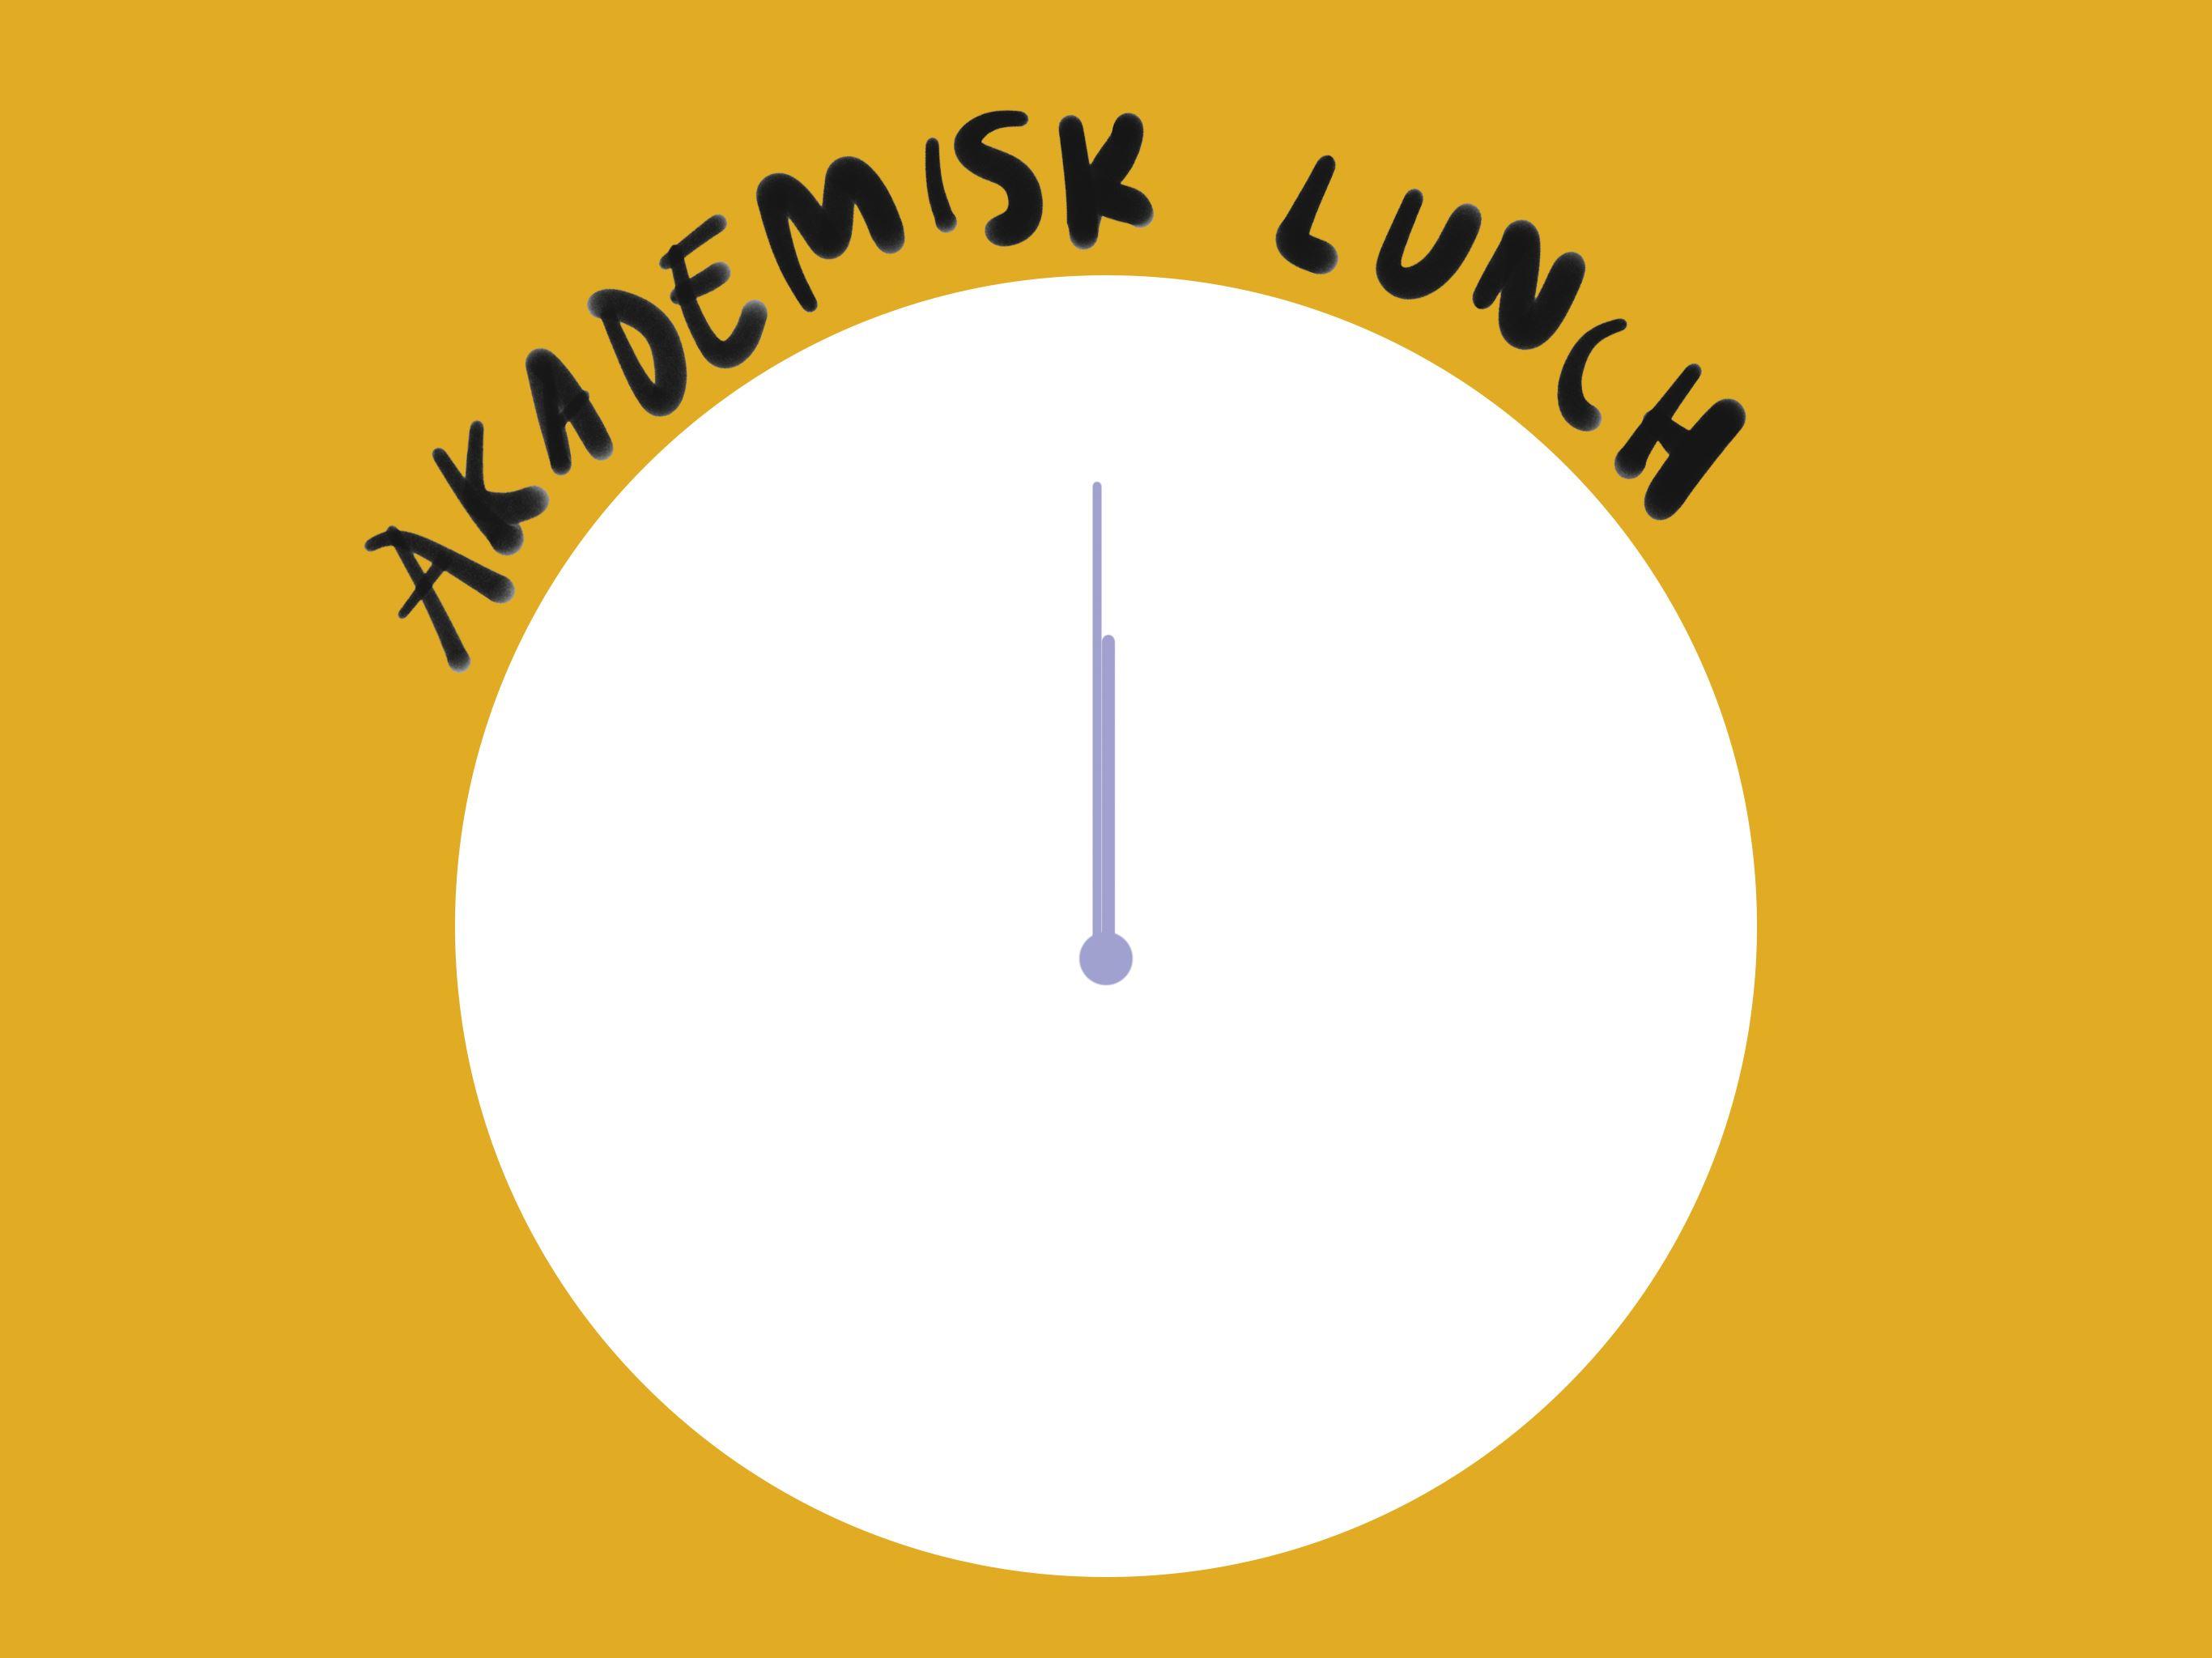 Akademisk lunch - Hur patienter och forskare möter varandra i klinisk forskning